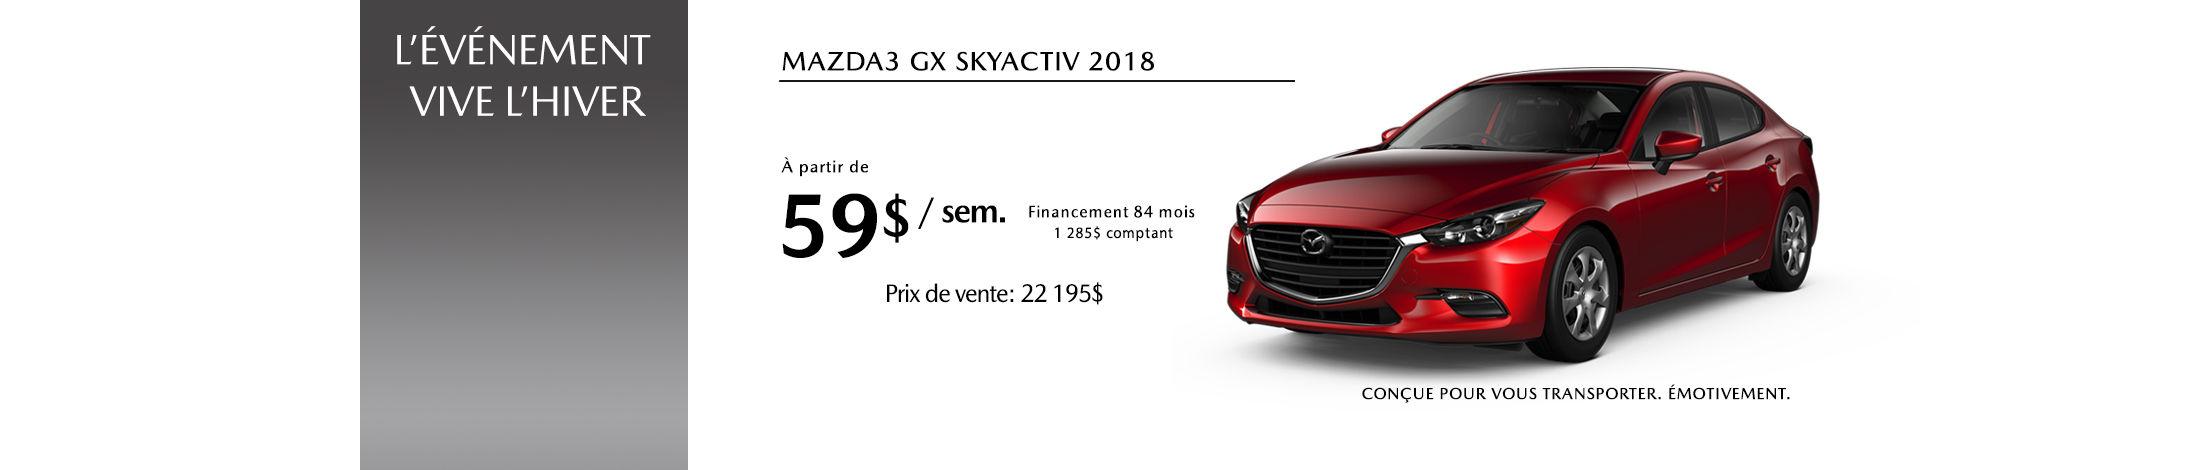 Mazda3 2018 Banniere